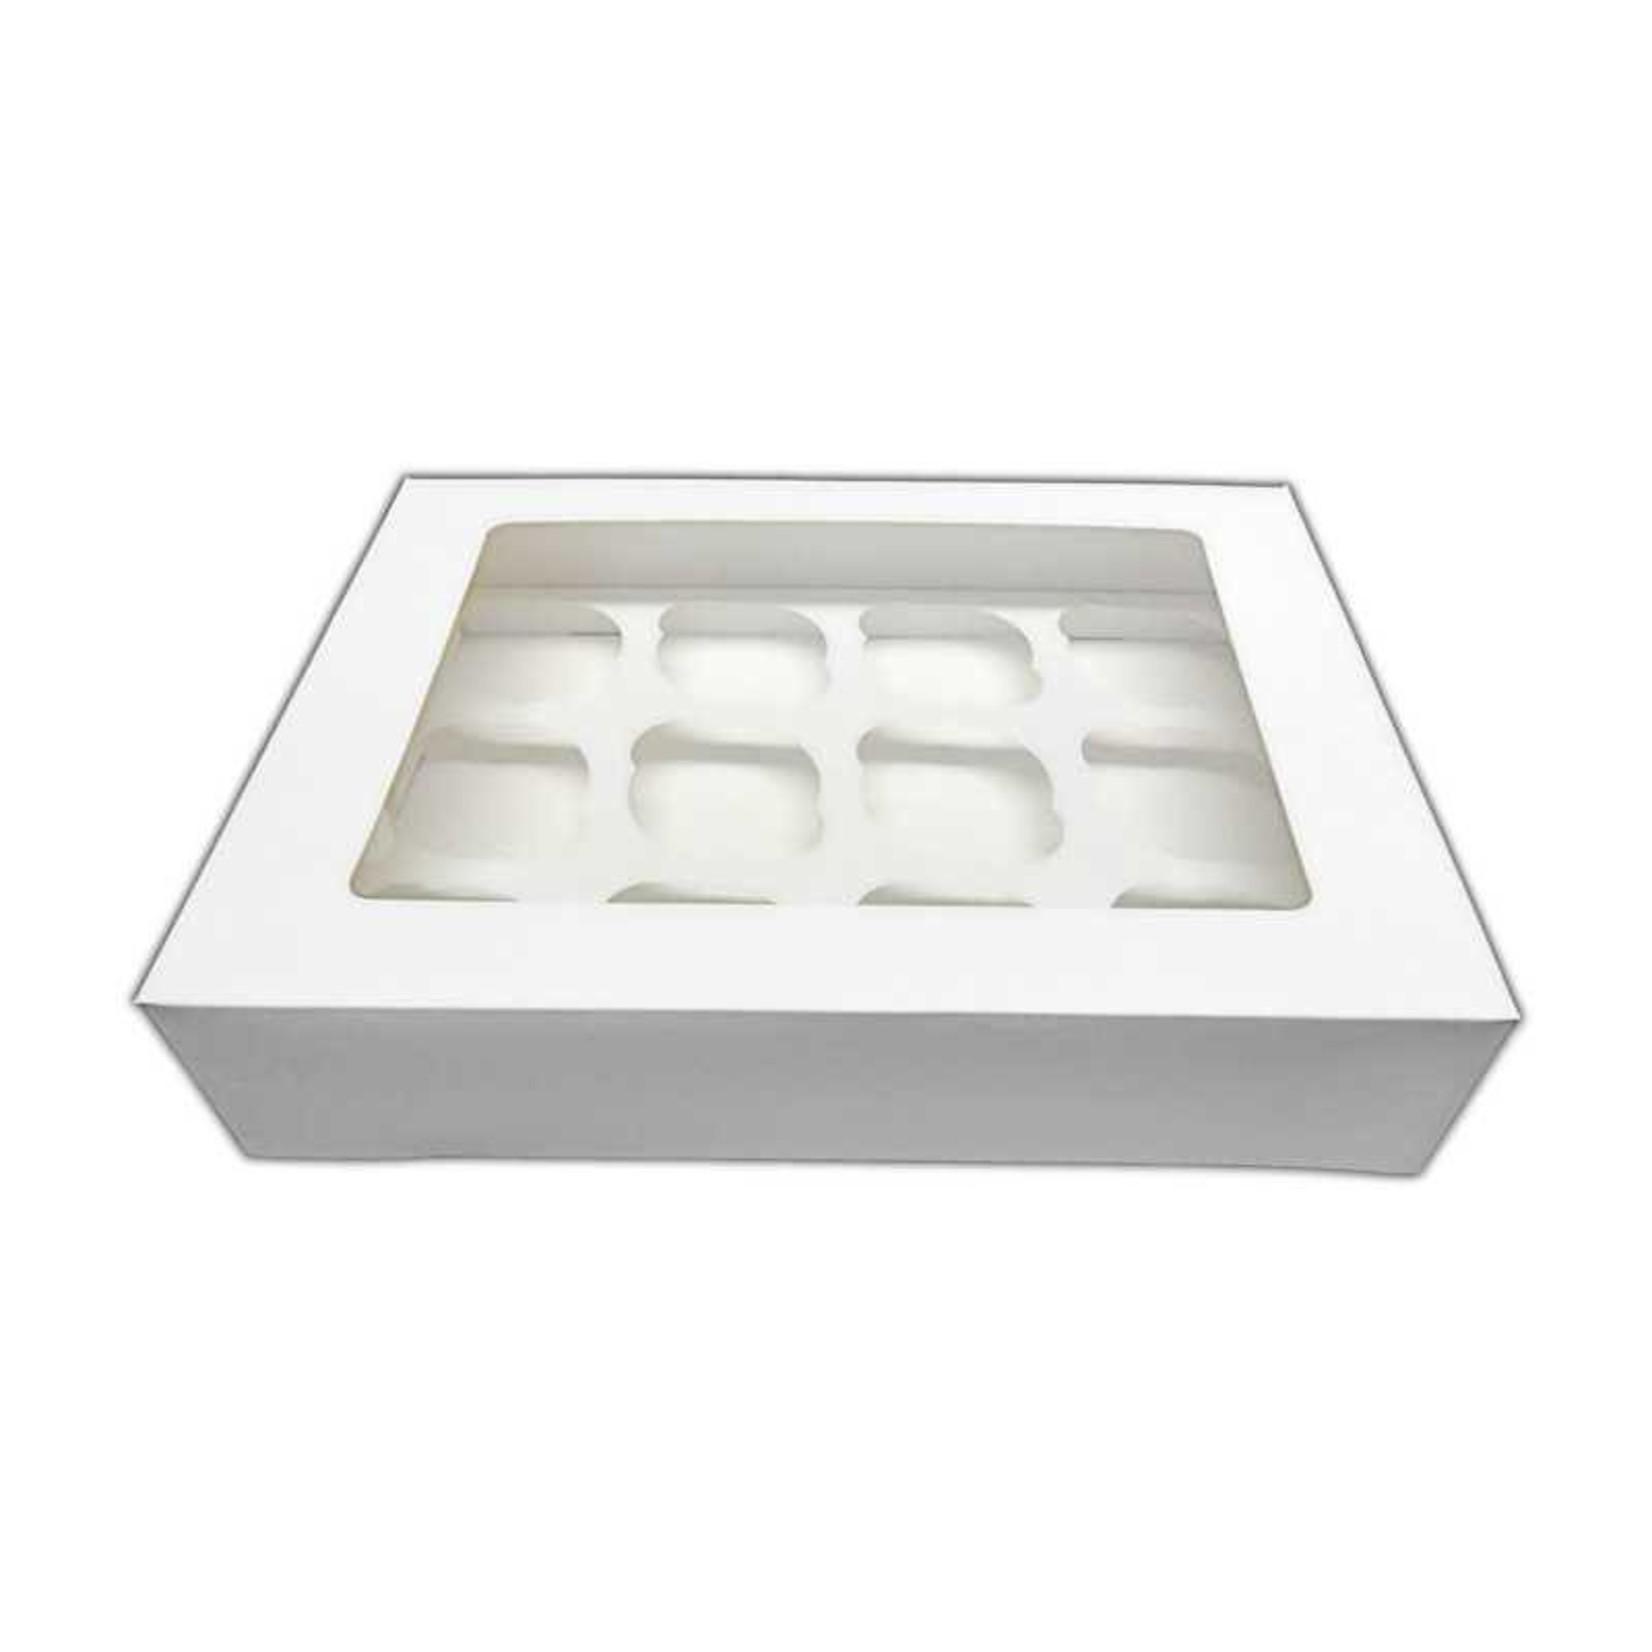 Whalen Whalen - Cupcake insert - 12 cavity